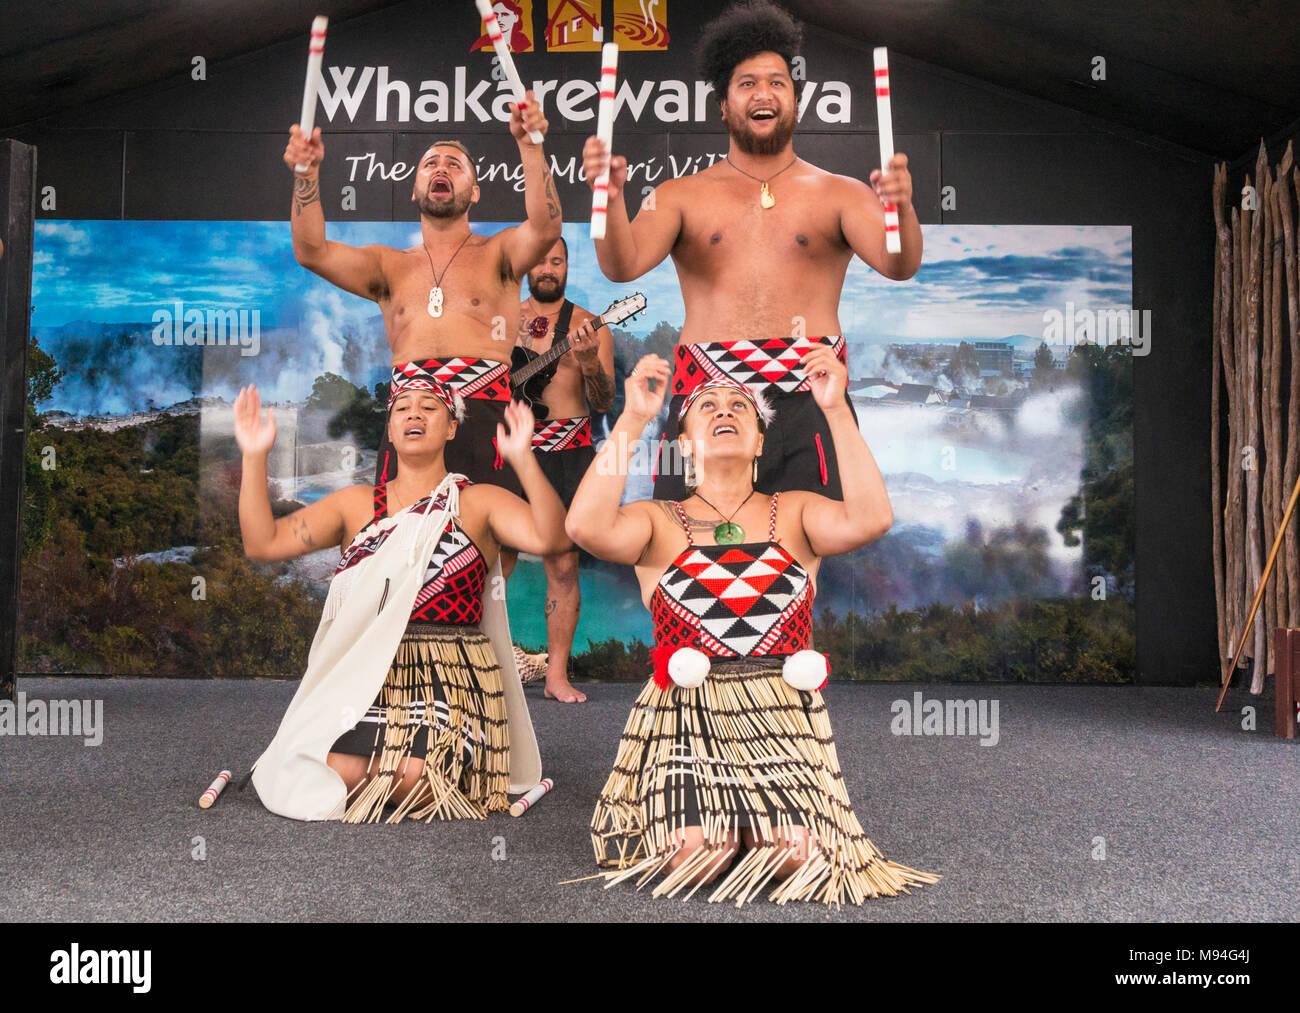 Nuova Zelanda Rotorua Nuova Zelanda whakarewarewa rotorua culturale maori spettacolo di intrattenimento con quattro ballerini maori nz Isola del nord della Nuova Zelanda Oceania Immagini Stock